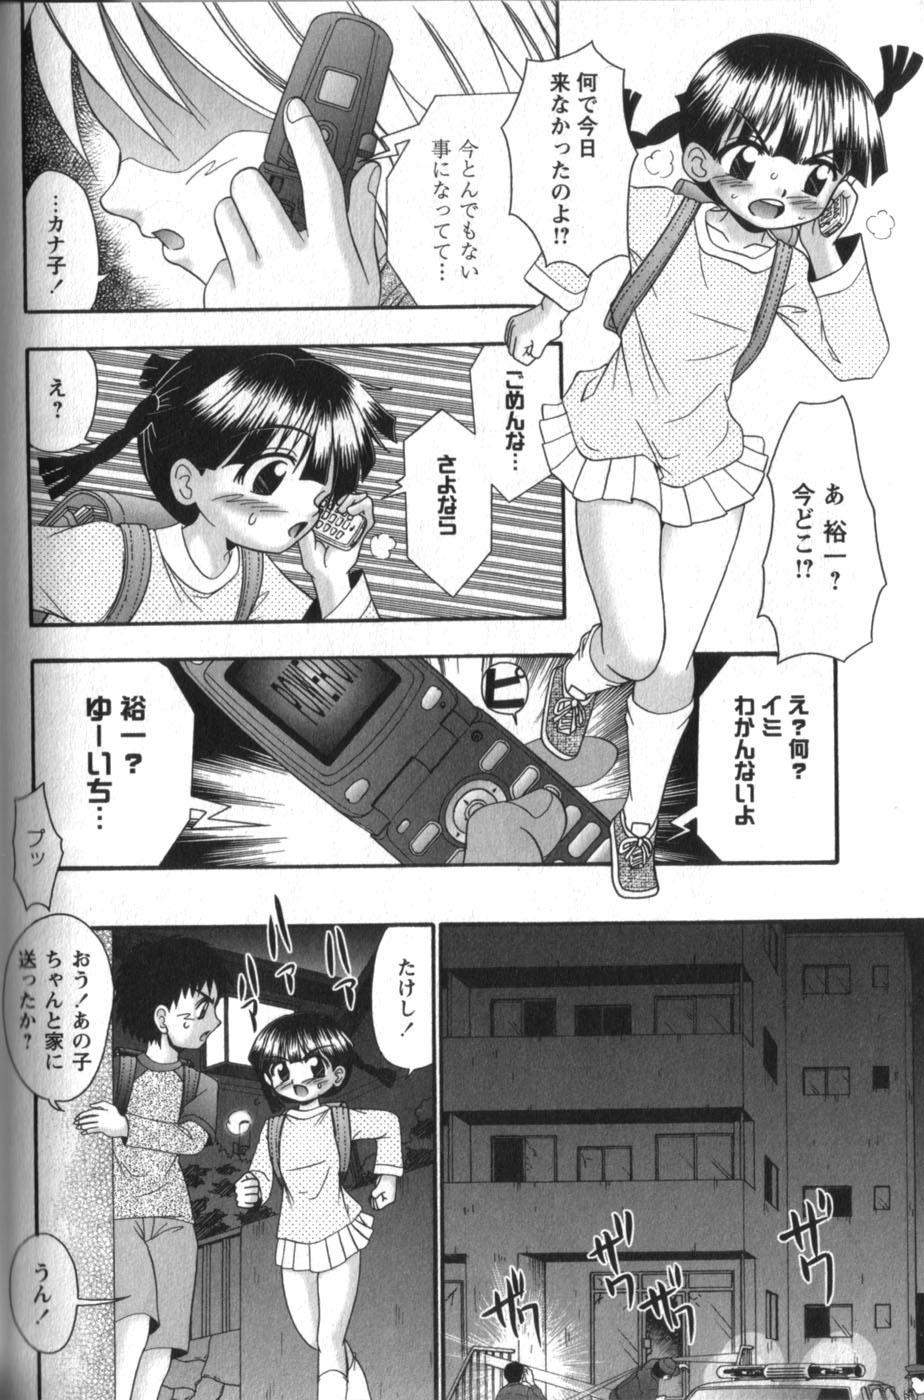 Tachiirikinshi no Ecchi Kichi 151